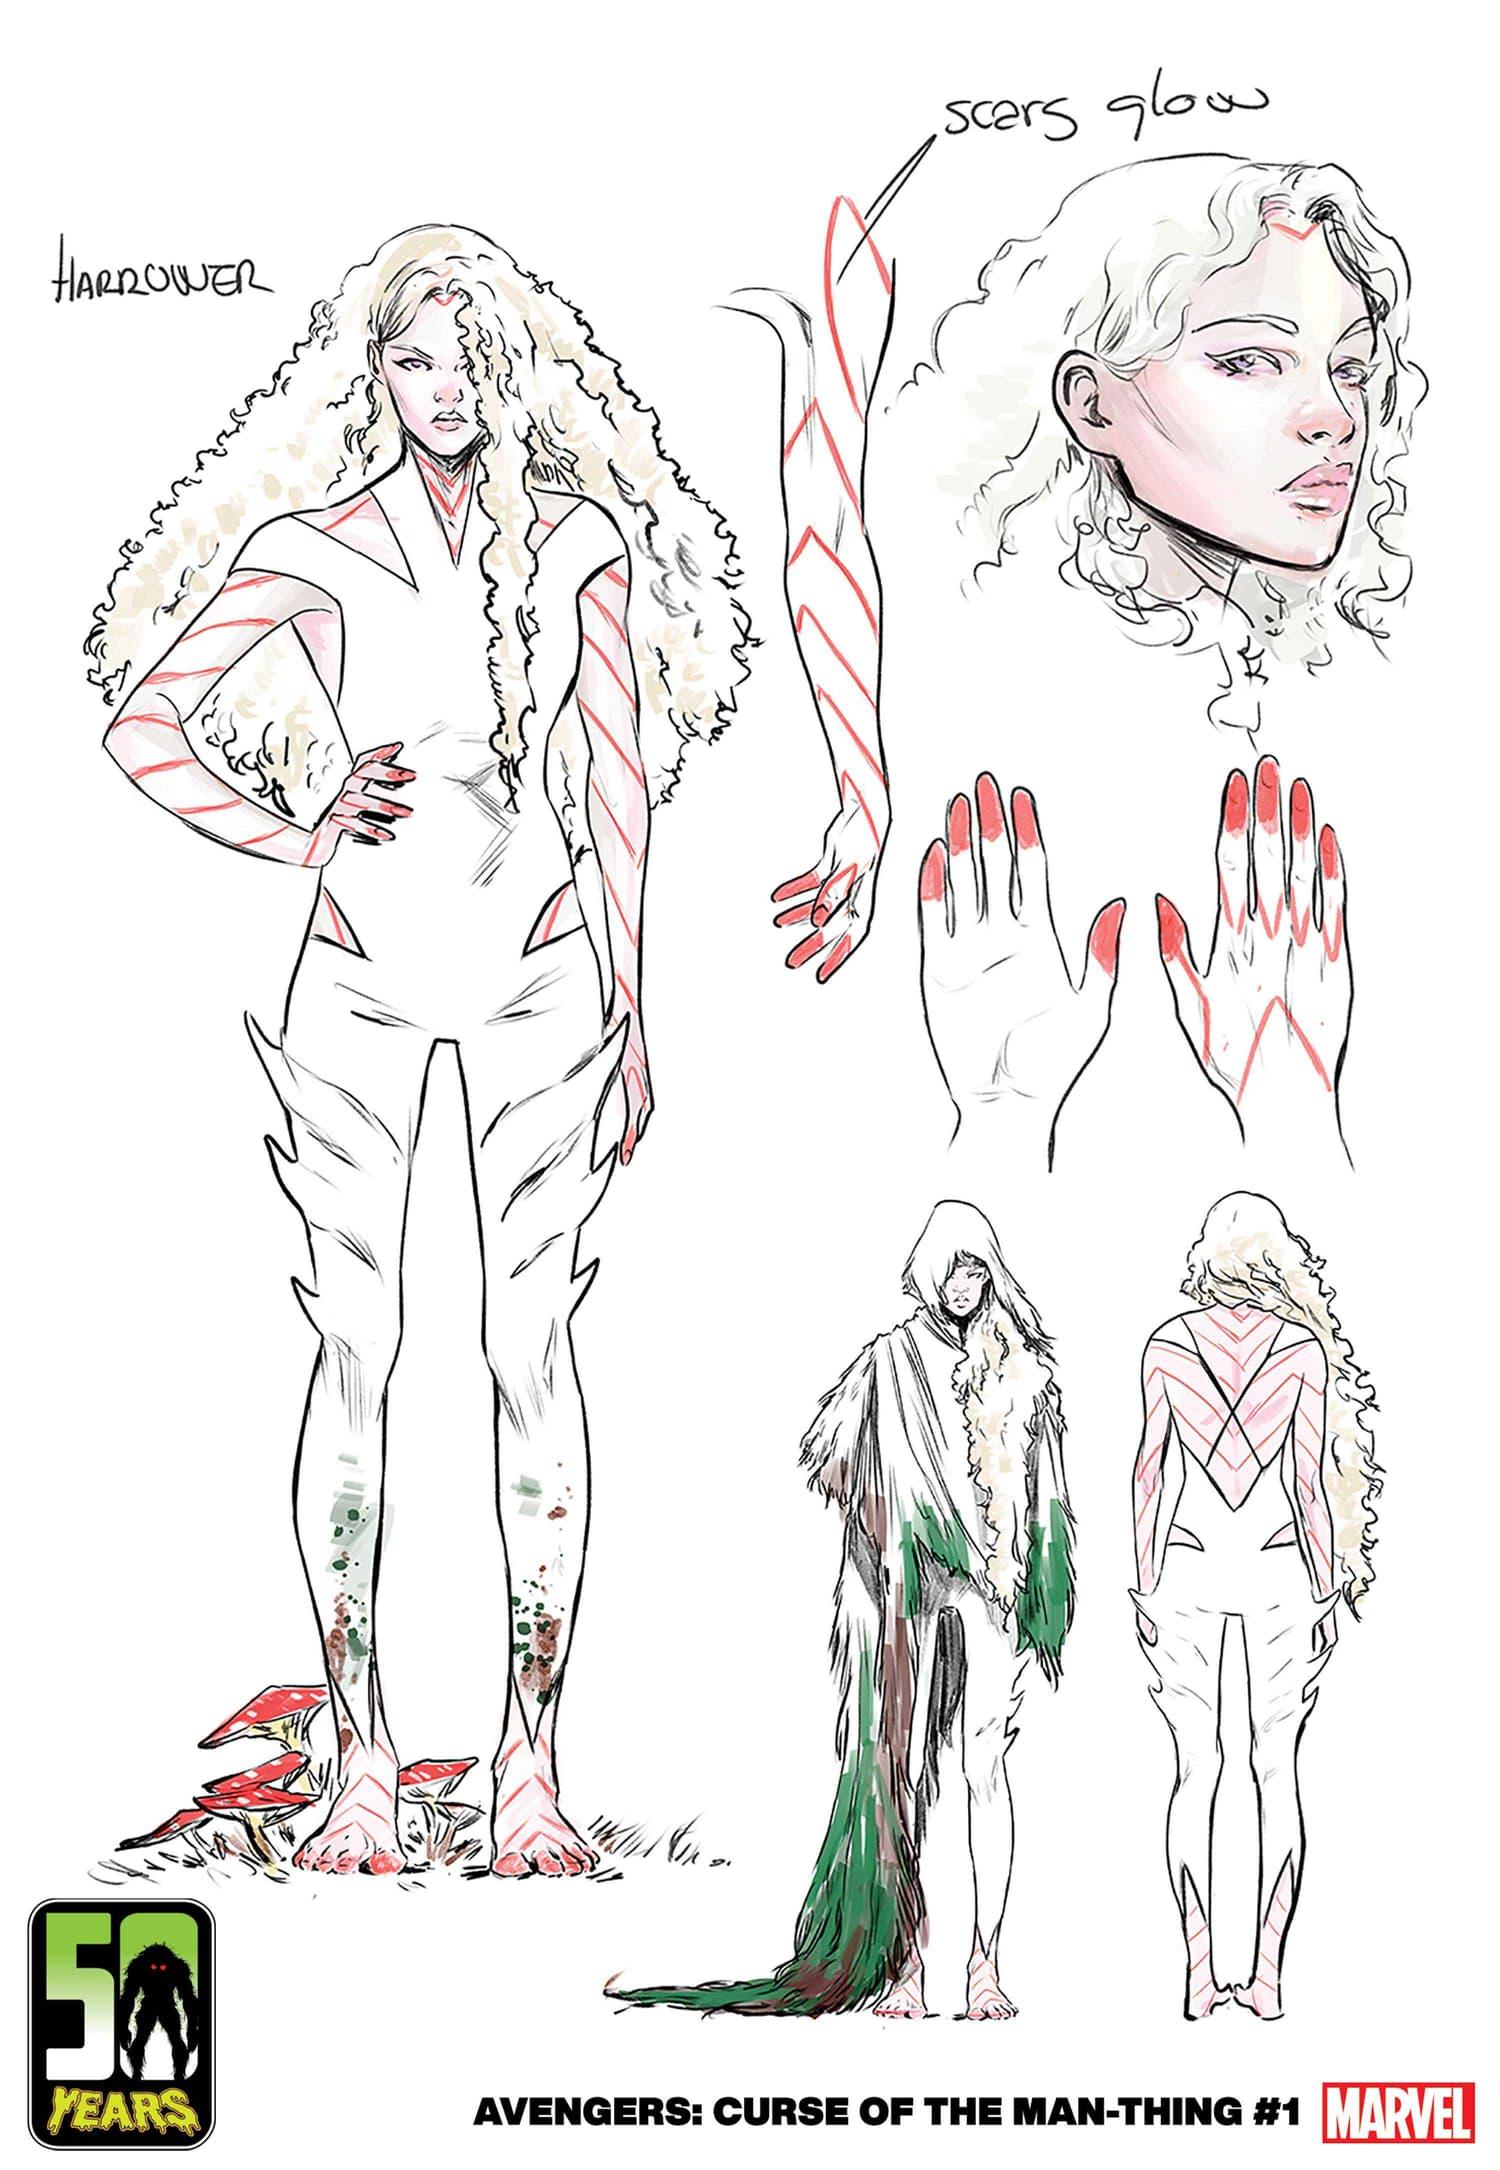 Harrower characters design